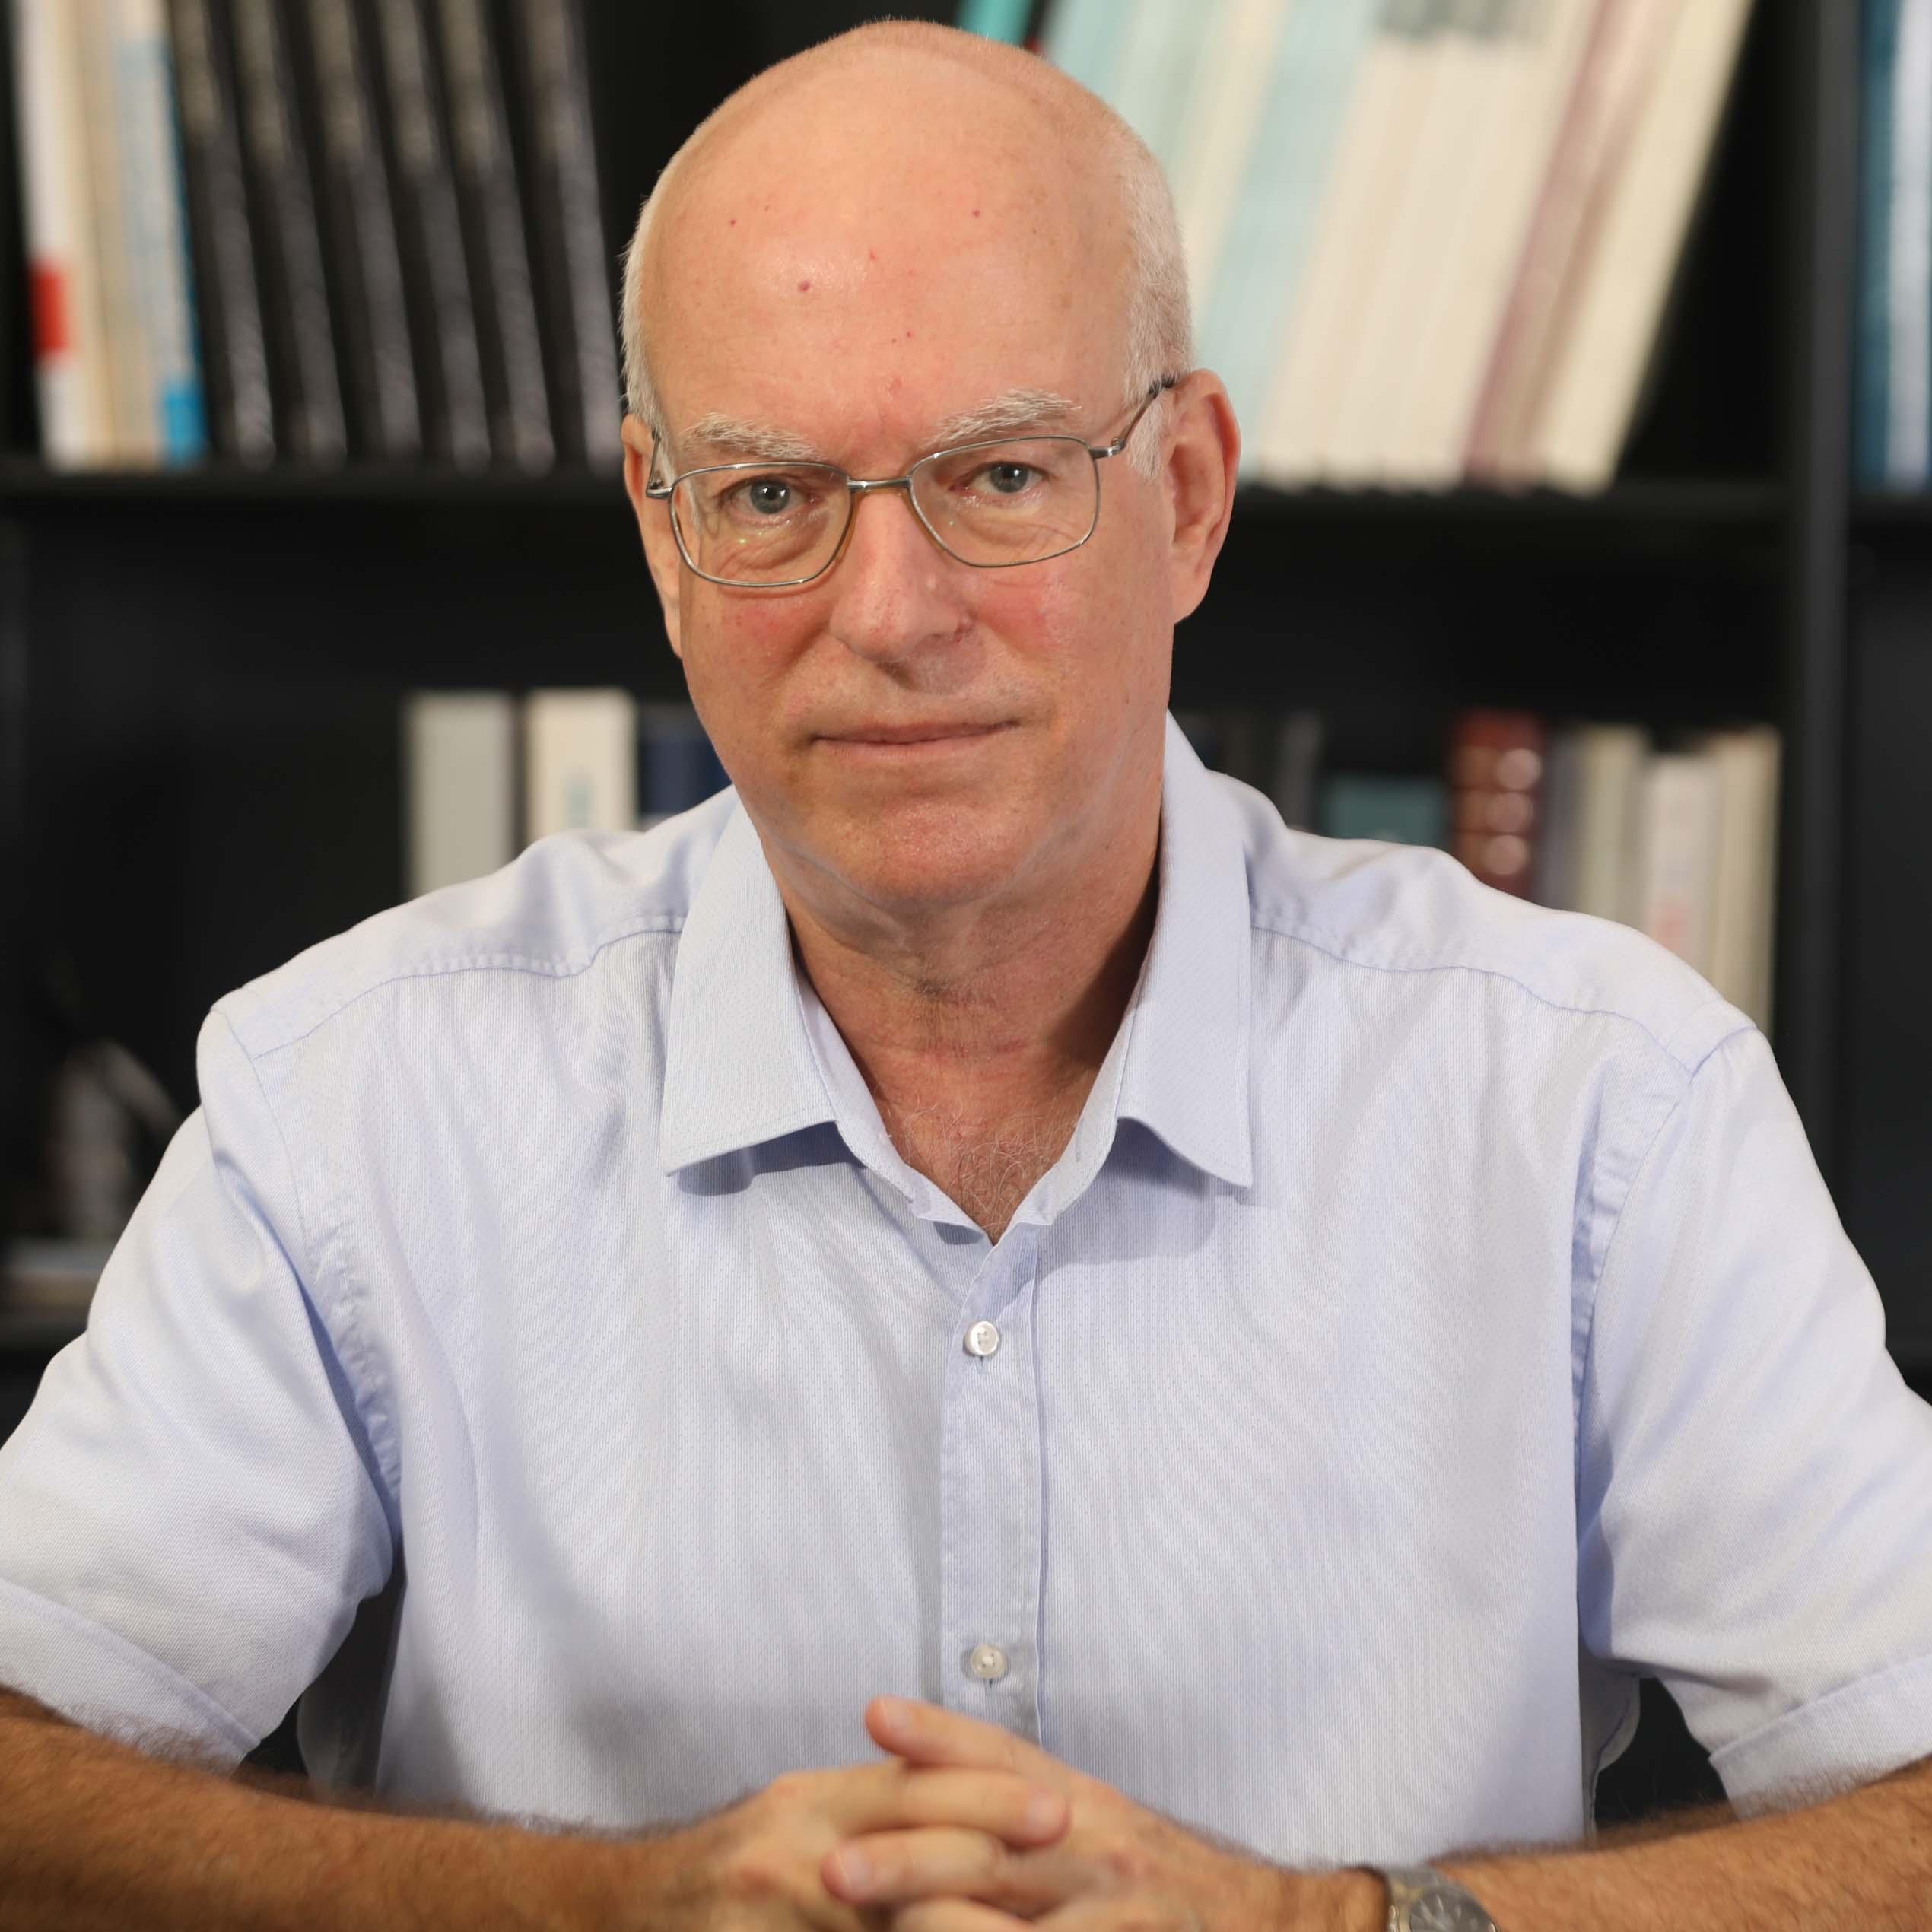 Prof. Ariel Porat